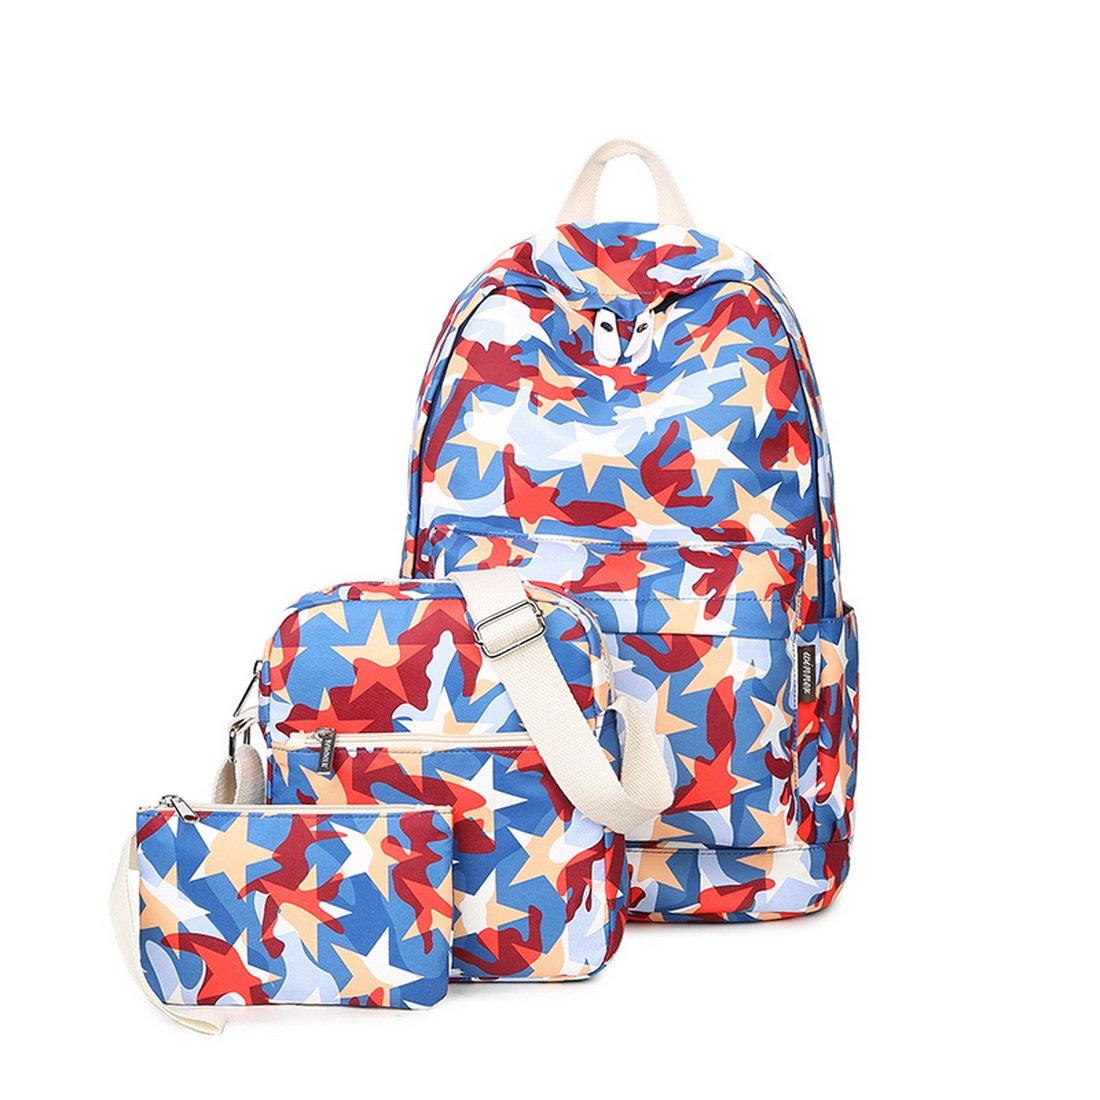 Joymoze Zaino moda scolastico,stampato,impermeabile. Zaino per computer portatile per ragazza Set 3 pezzi-borsa a tracolla per donna casual Floreale 825 JYBP825Floral